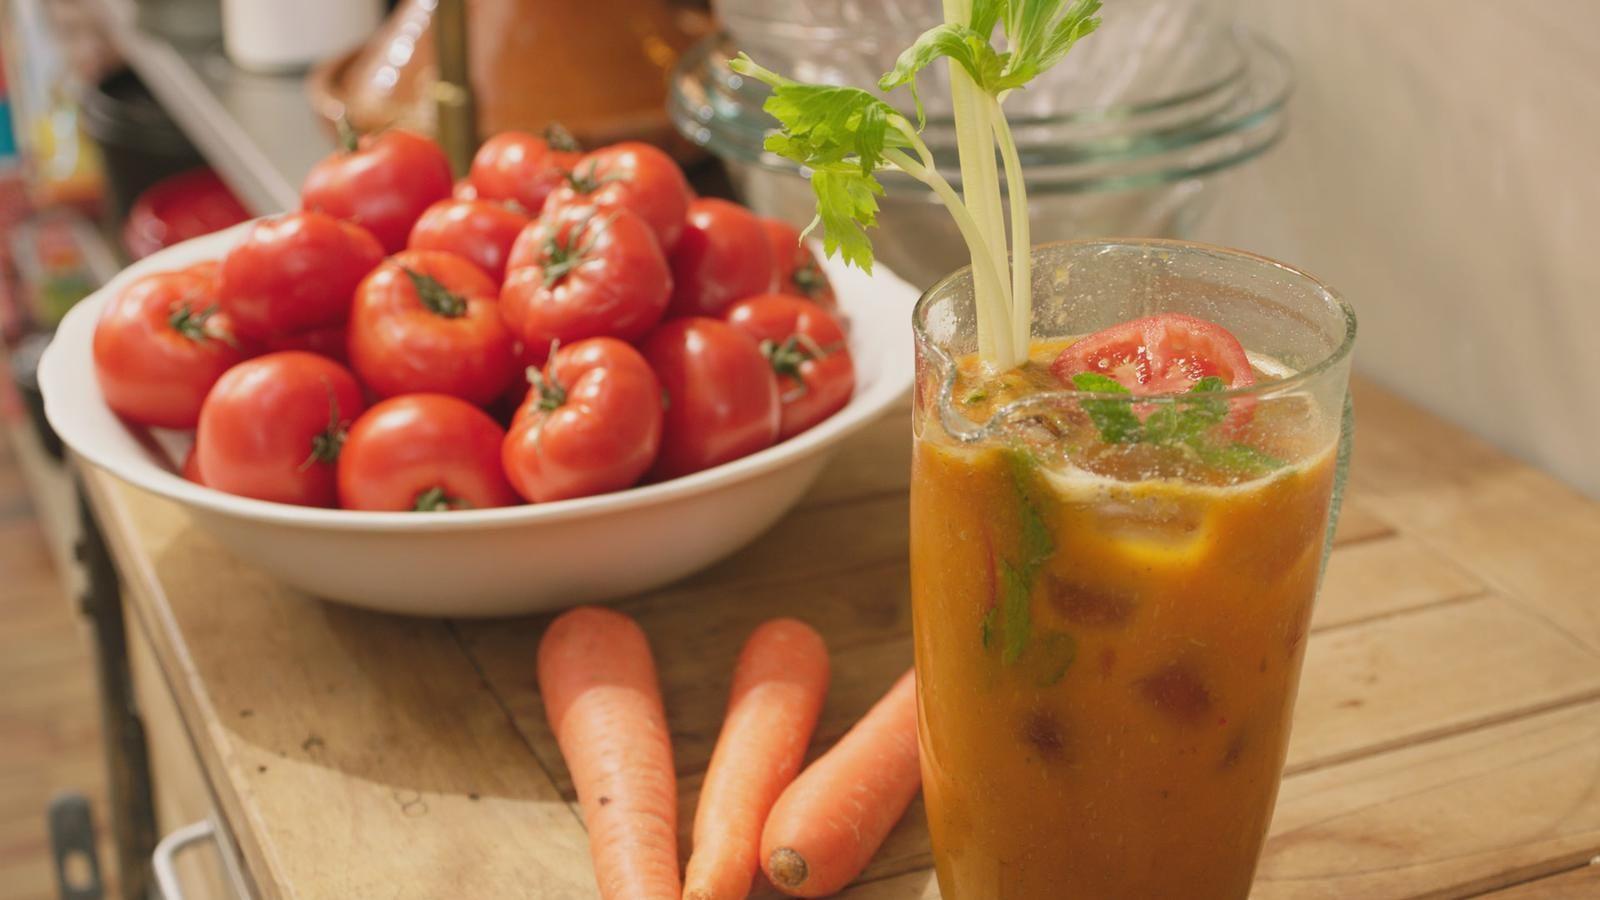 Dit groentesap heet 'G6' omdat er 6 groenten in zitten. Maak je eigen versie met de groenten die nog in het groentevak van je koelkast liggen.